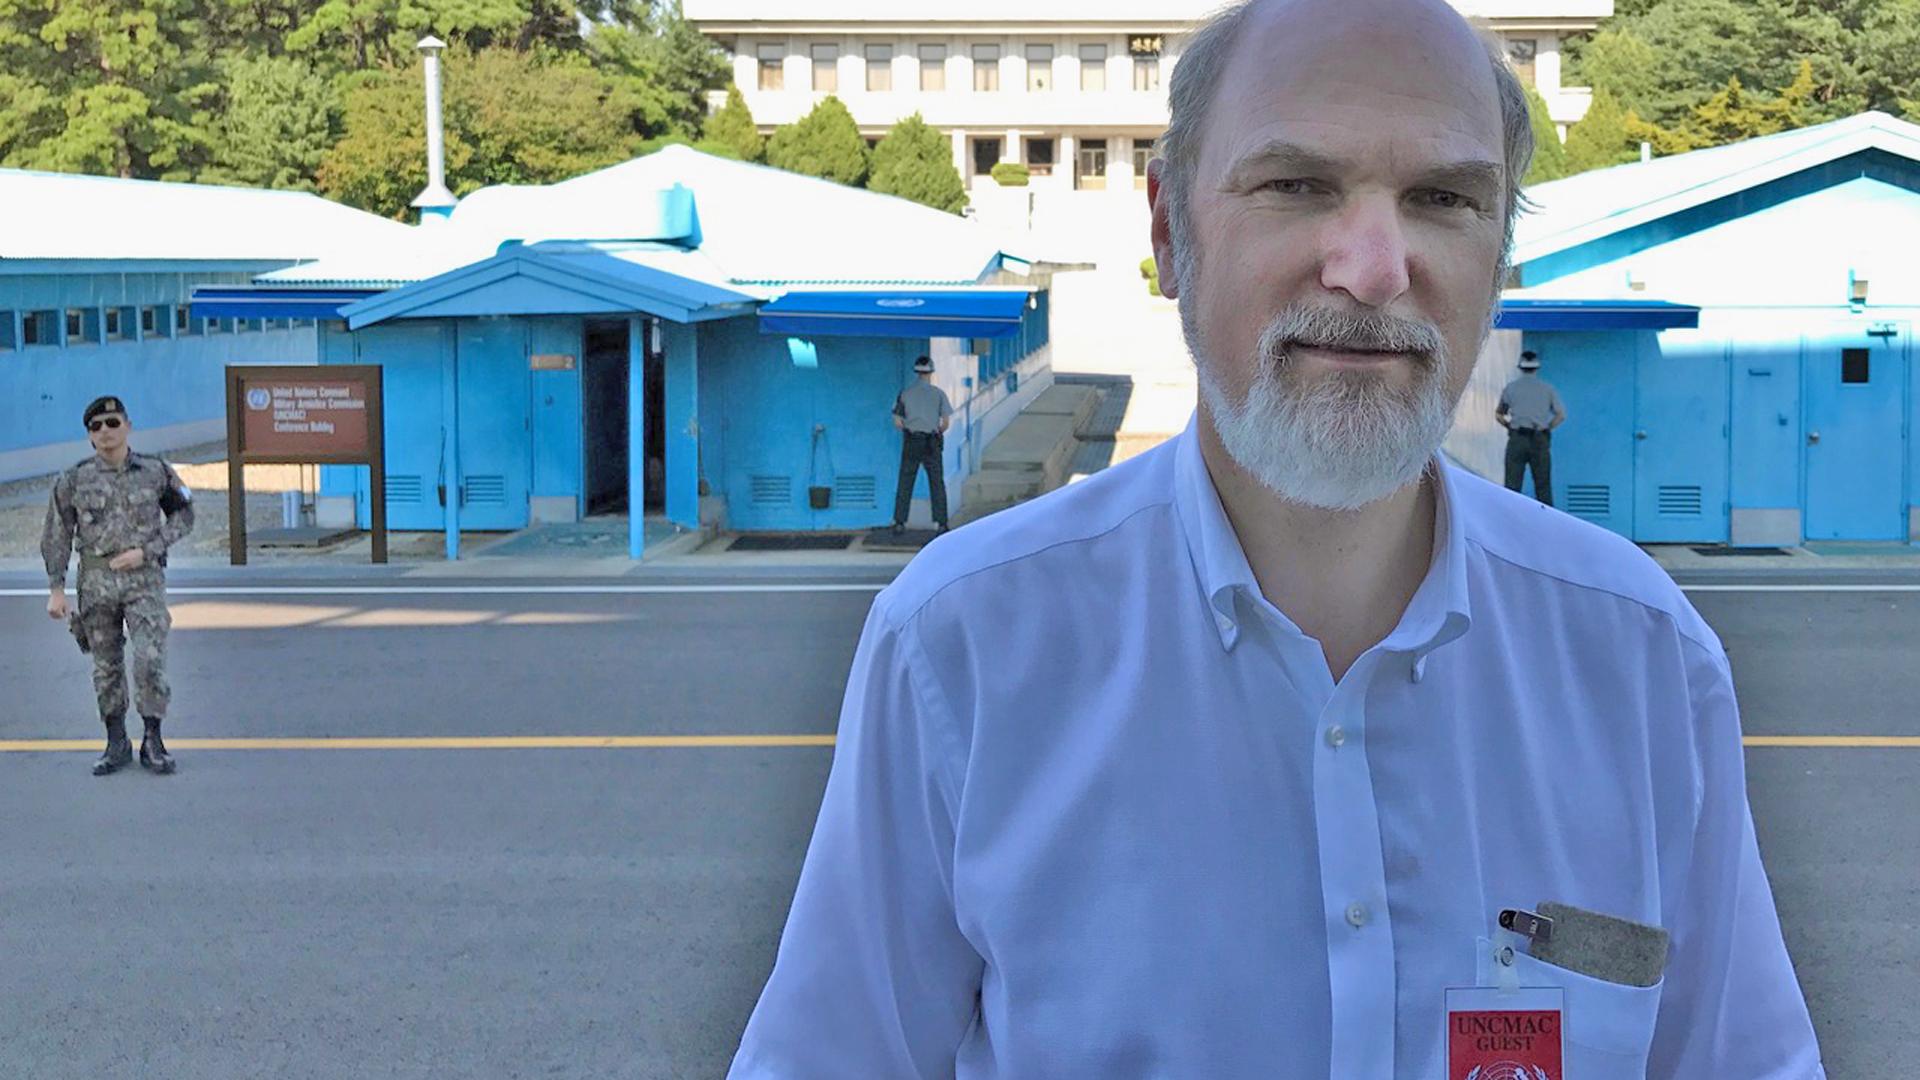 Thomas Schirrmacher vor der UN-Verhandlungsbaracke in der UN-Schutzzone in der Mitte der demilitarisierten Zone. Die Baracken stehen auf beiden Seiten der Grenze, das Gebäude im Hintergrund ist das Grenzhauptquartier der Nordkoreaner auf nordkoreanischem Boden.